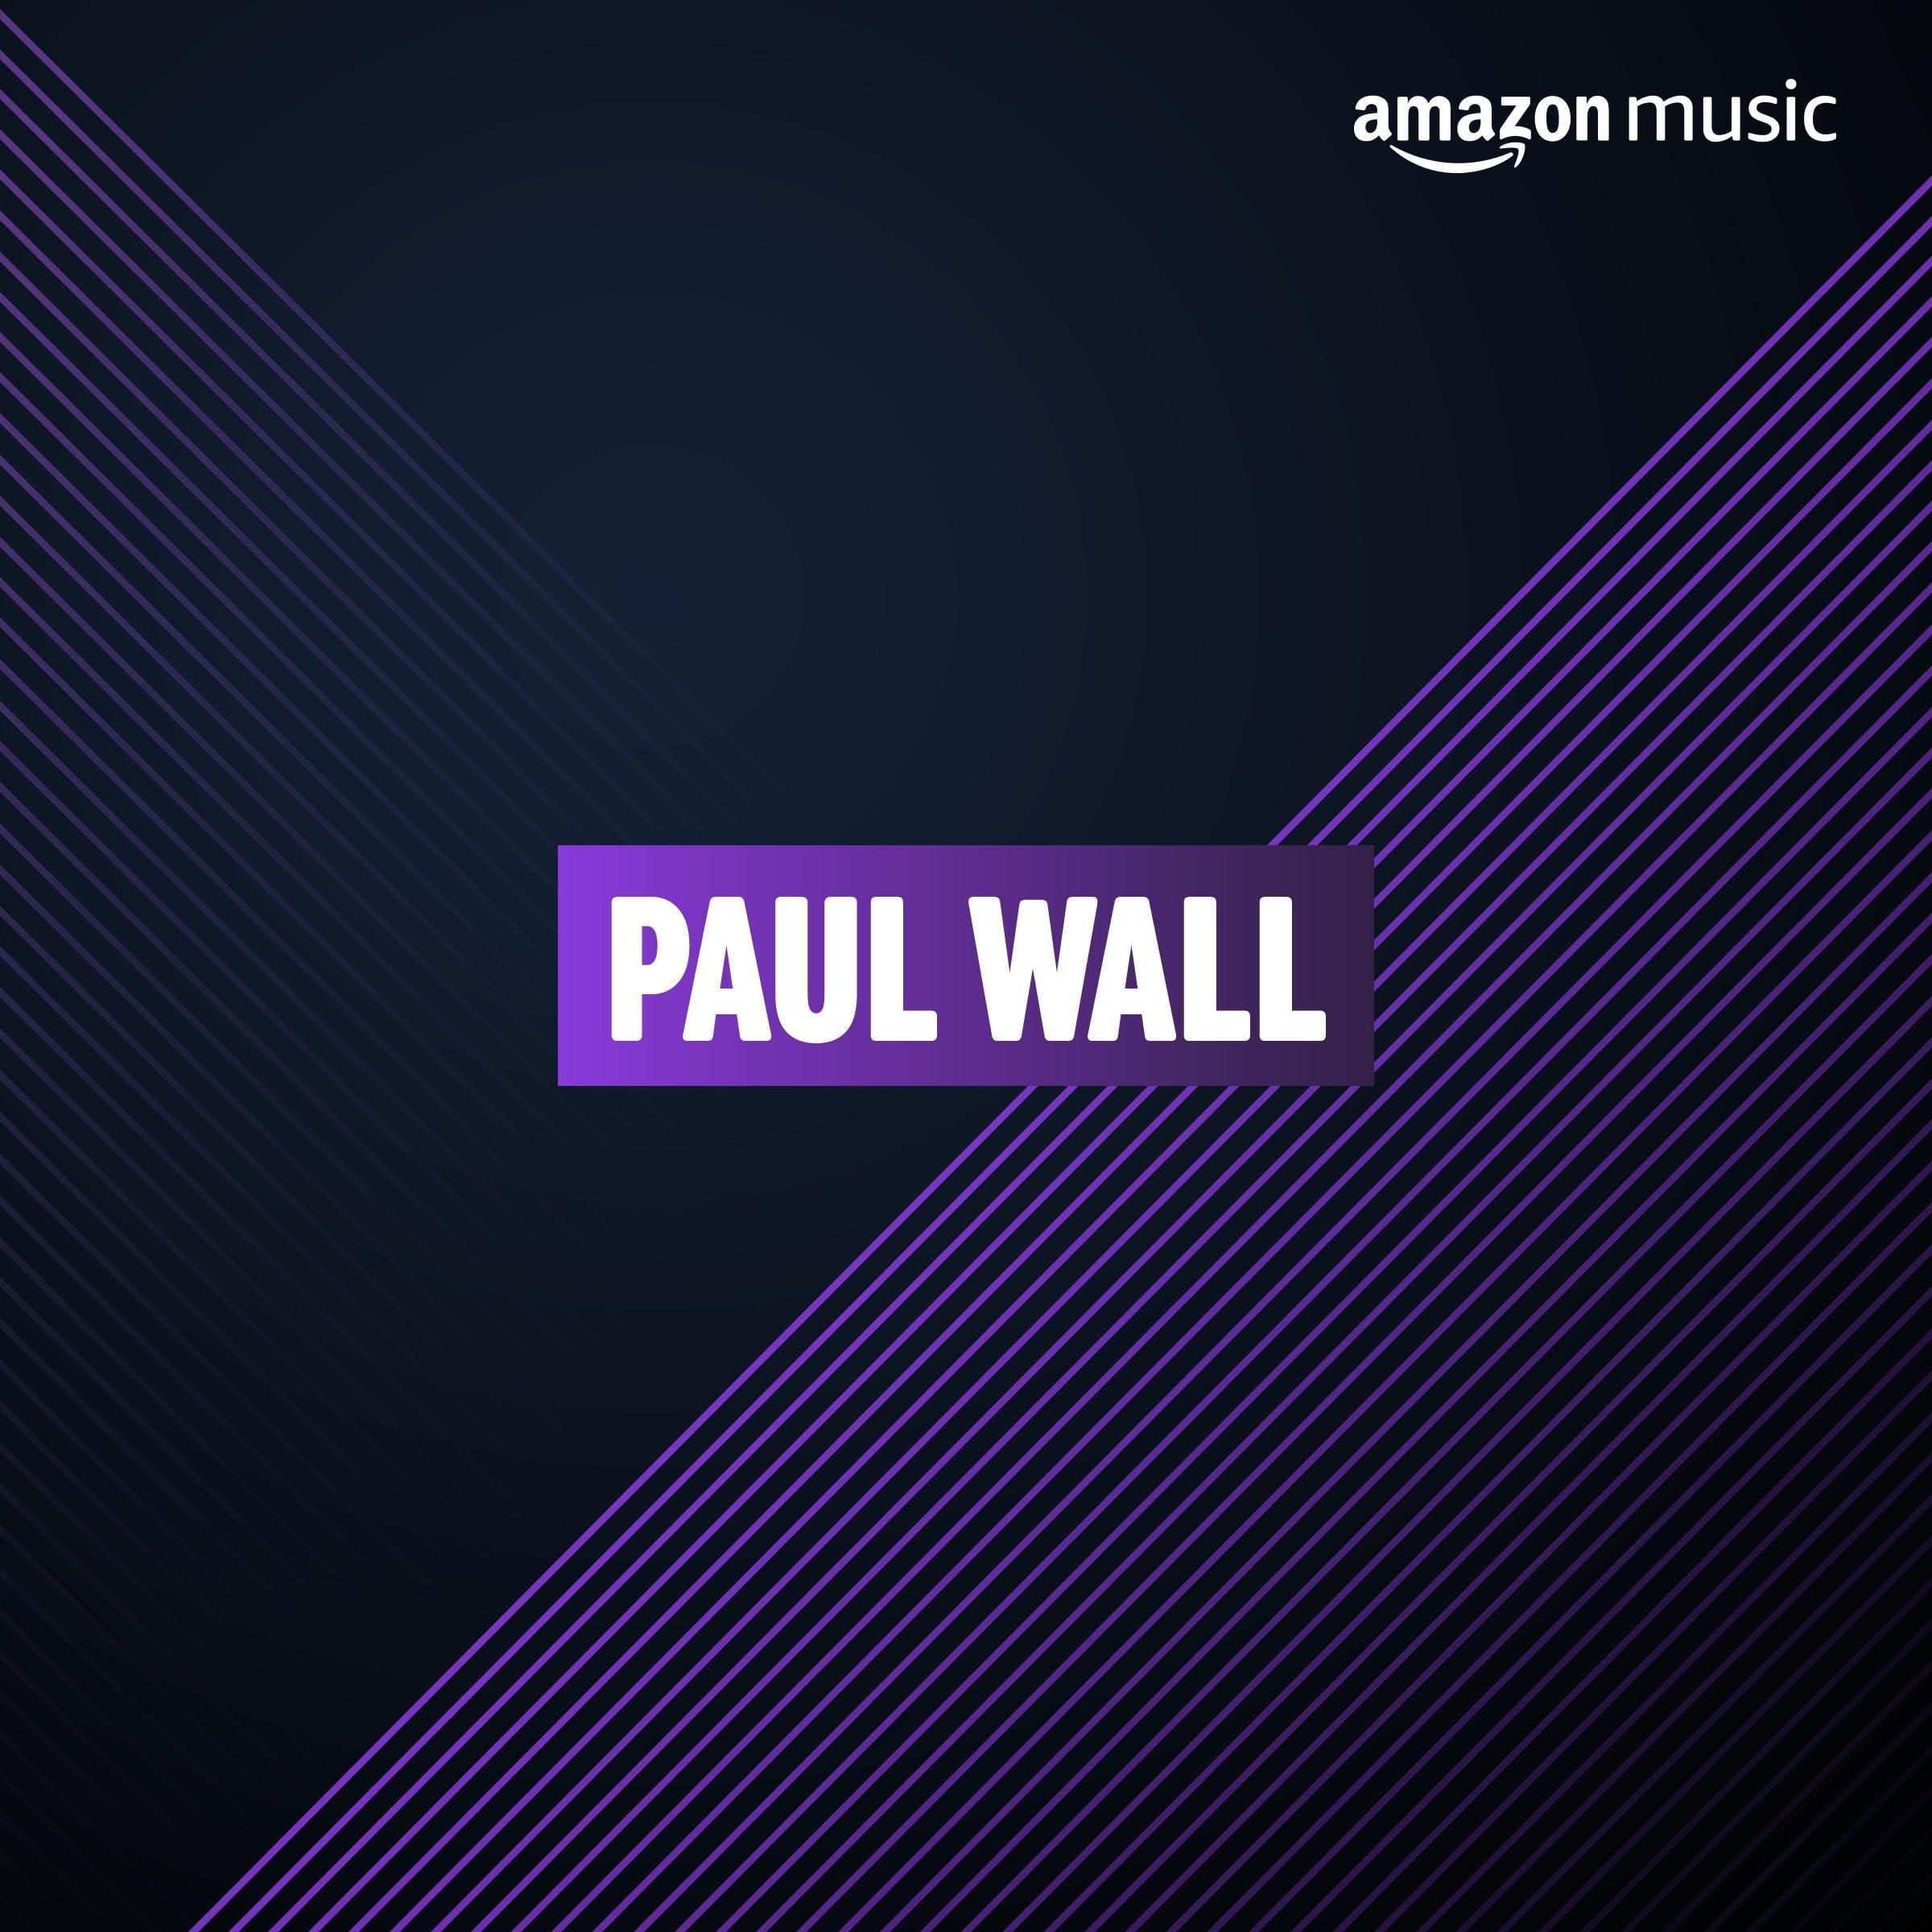 Paul Wall